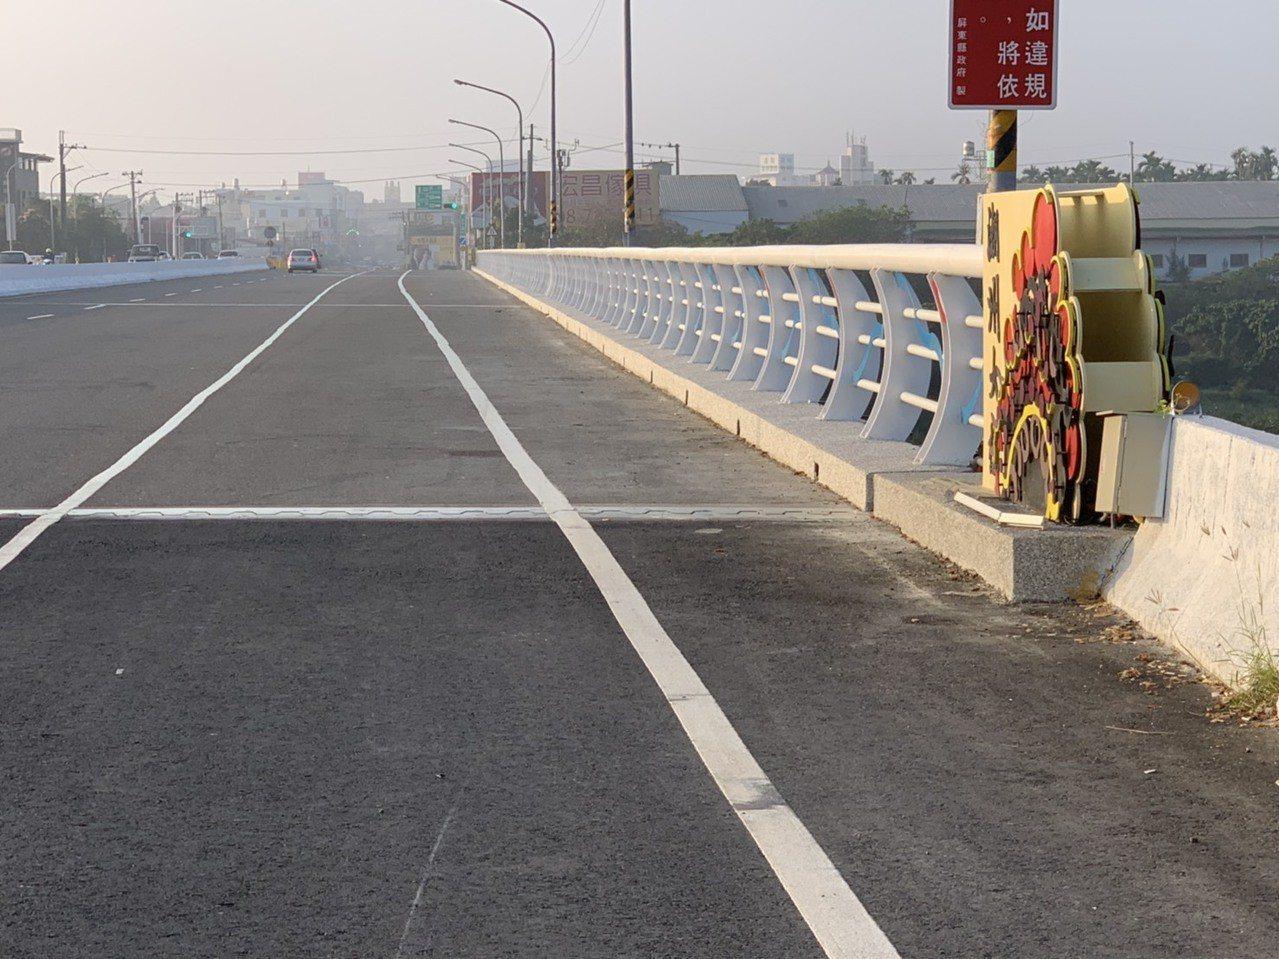 潮州大橋護欄經改善後,不但安全提升,還加入潮州戲曲元素。圖/屏東縣政府提供